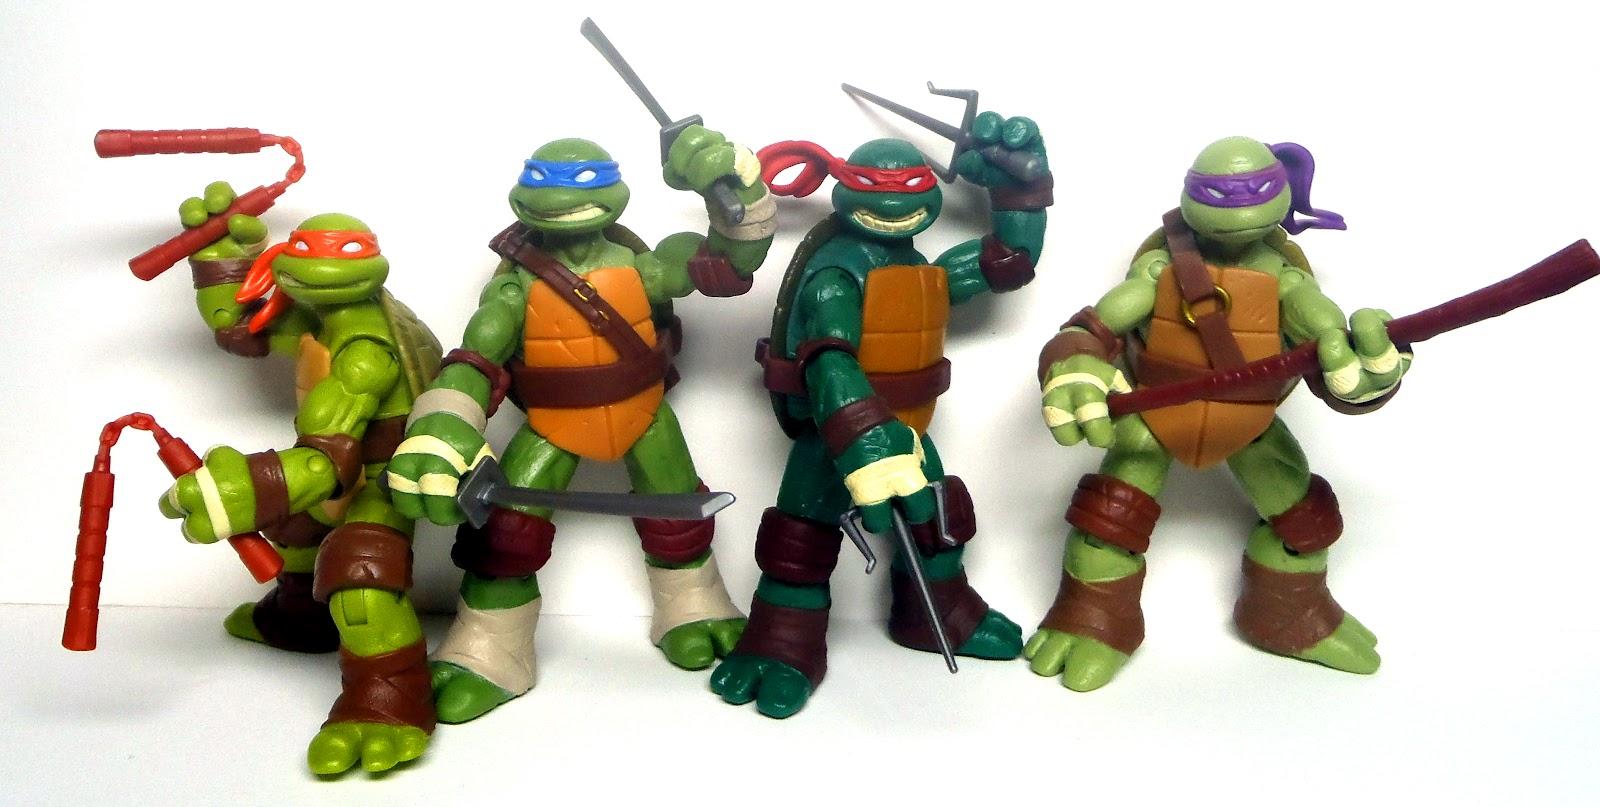 Taylor's Sweet Little Art and Nerd Site: Teenage Mutant ... Ninja Turtles Toy Ninja Turtles